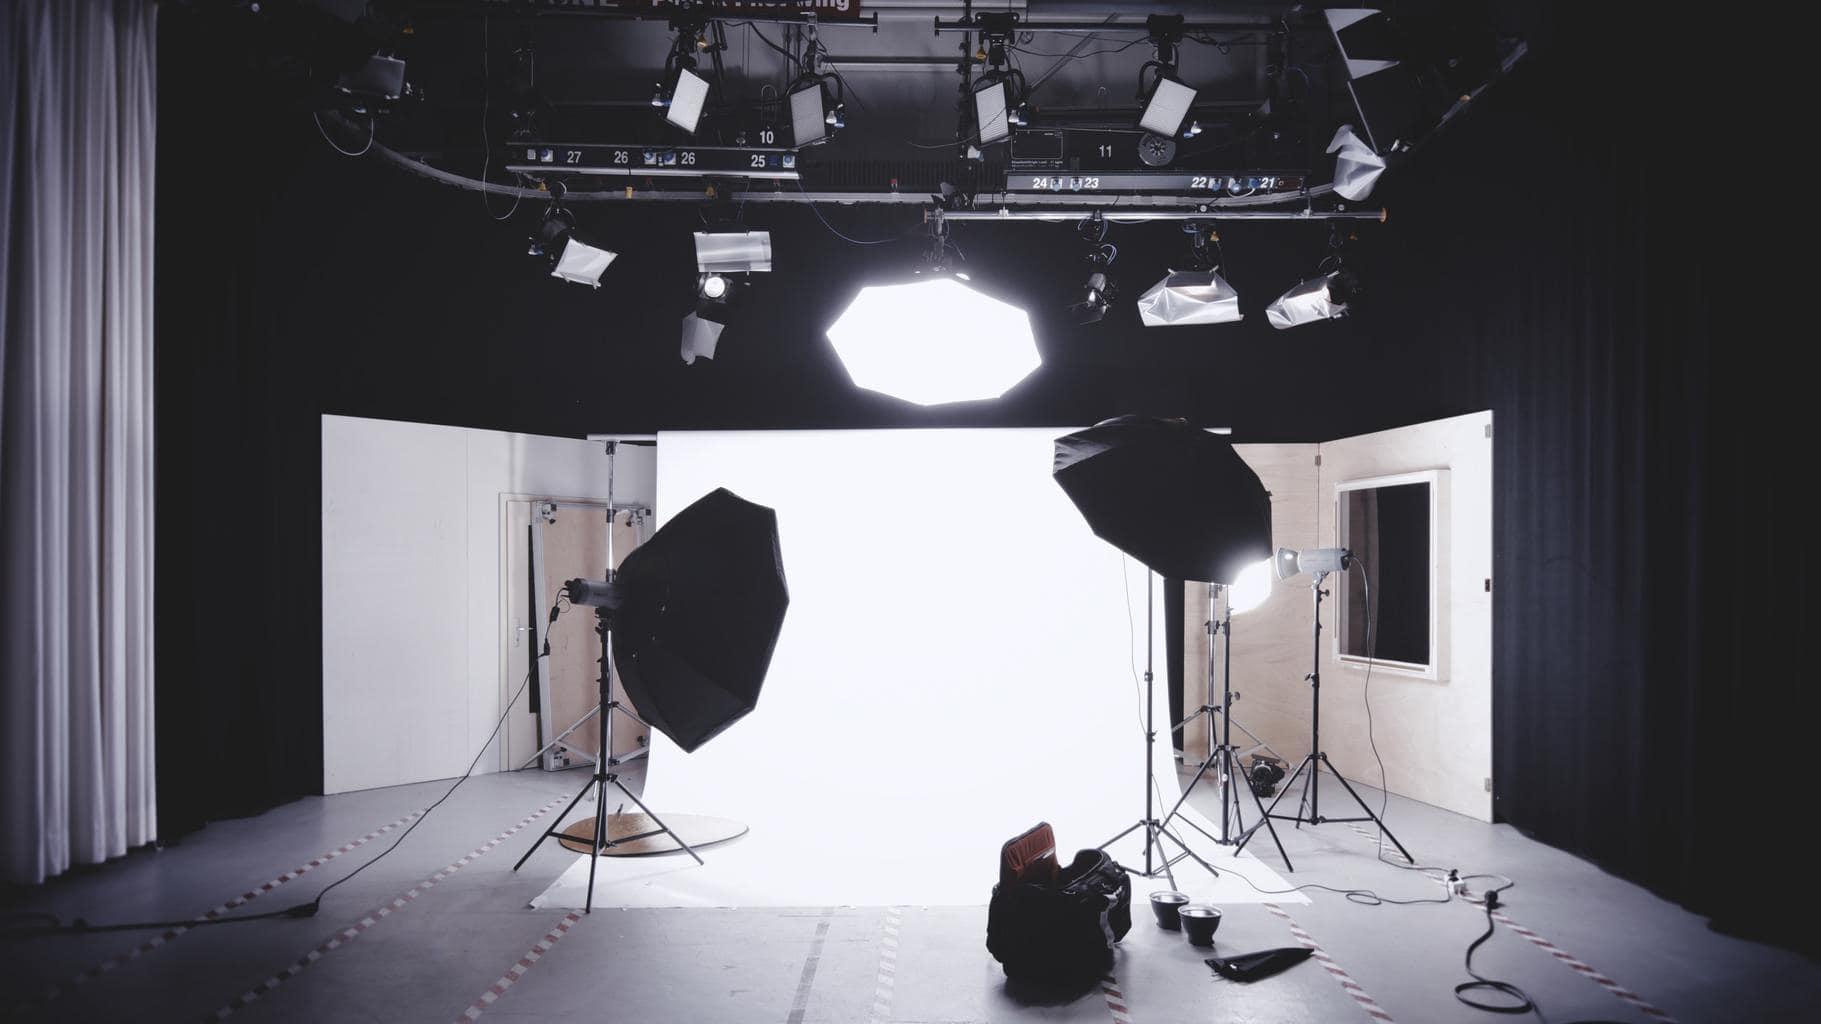 Estudio fotográfico con luces continuas y fondo infinito